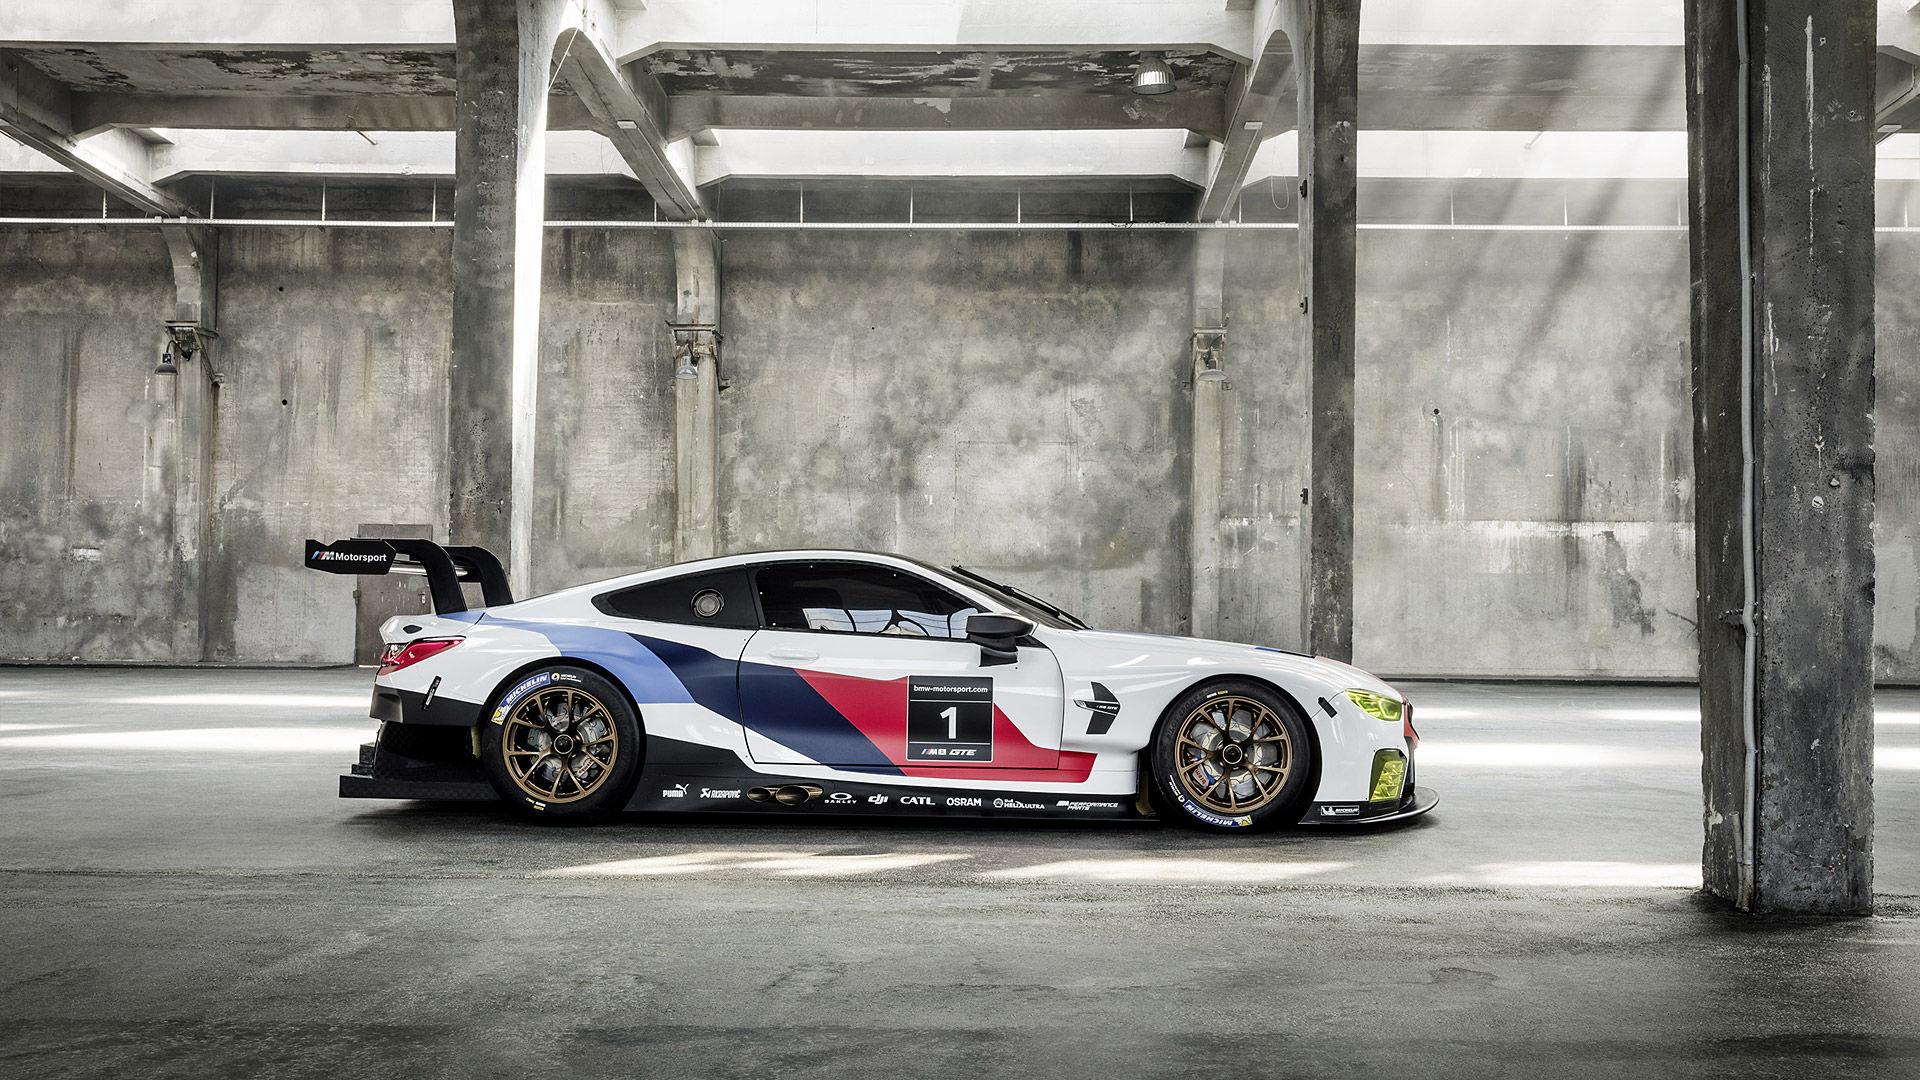 2018 BMW M8 GTE